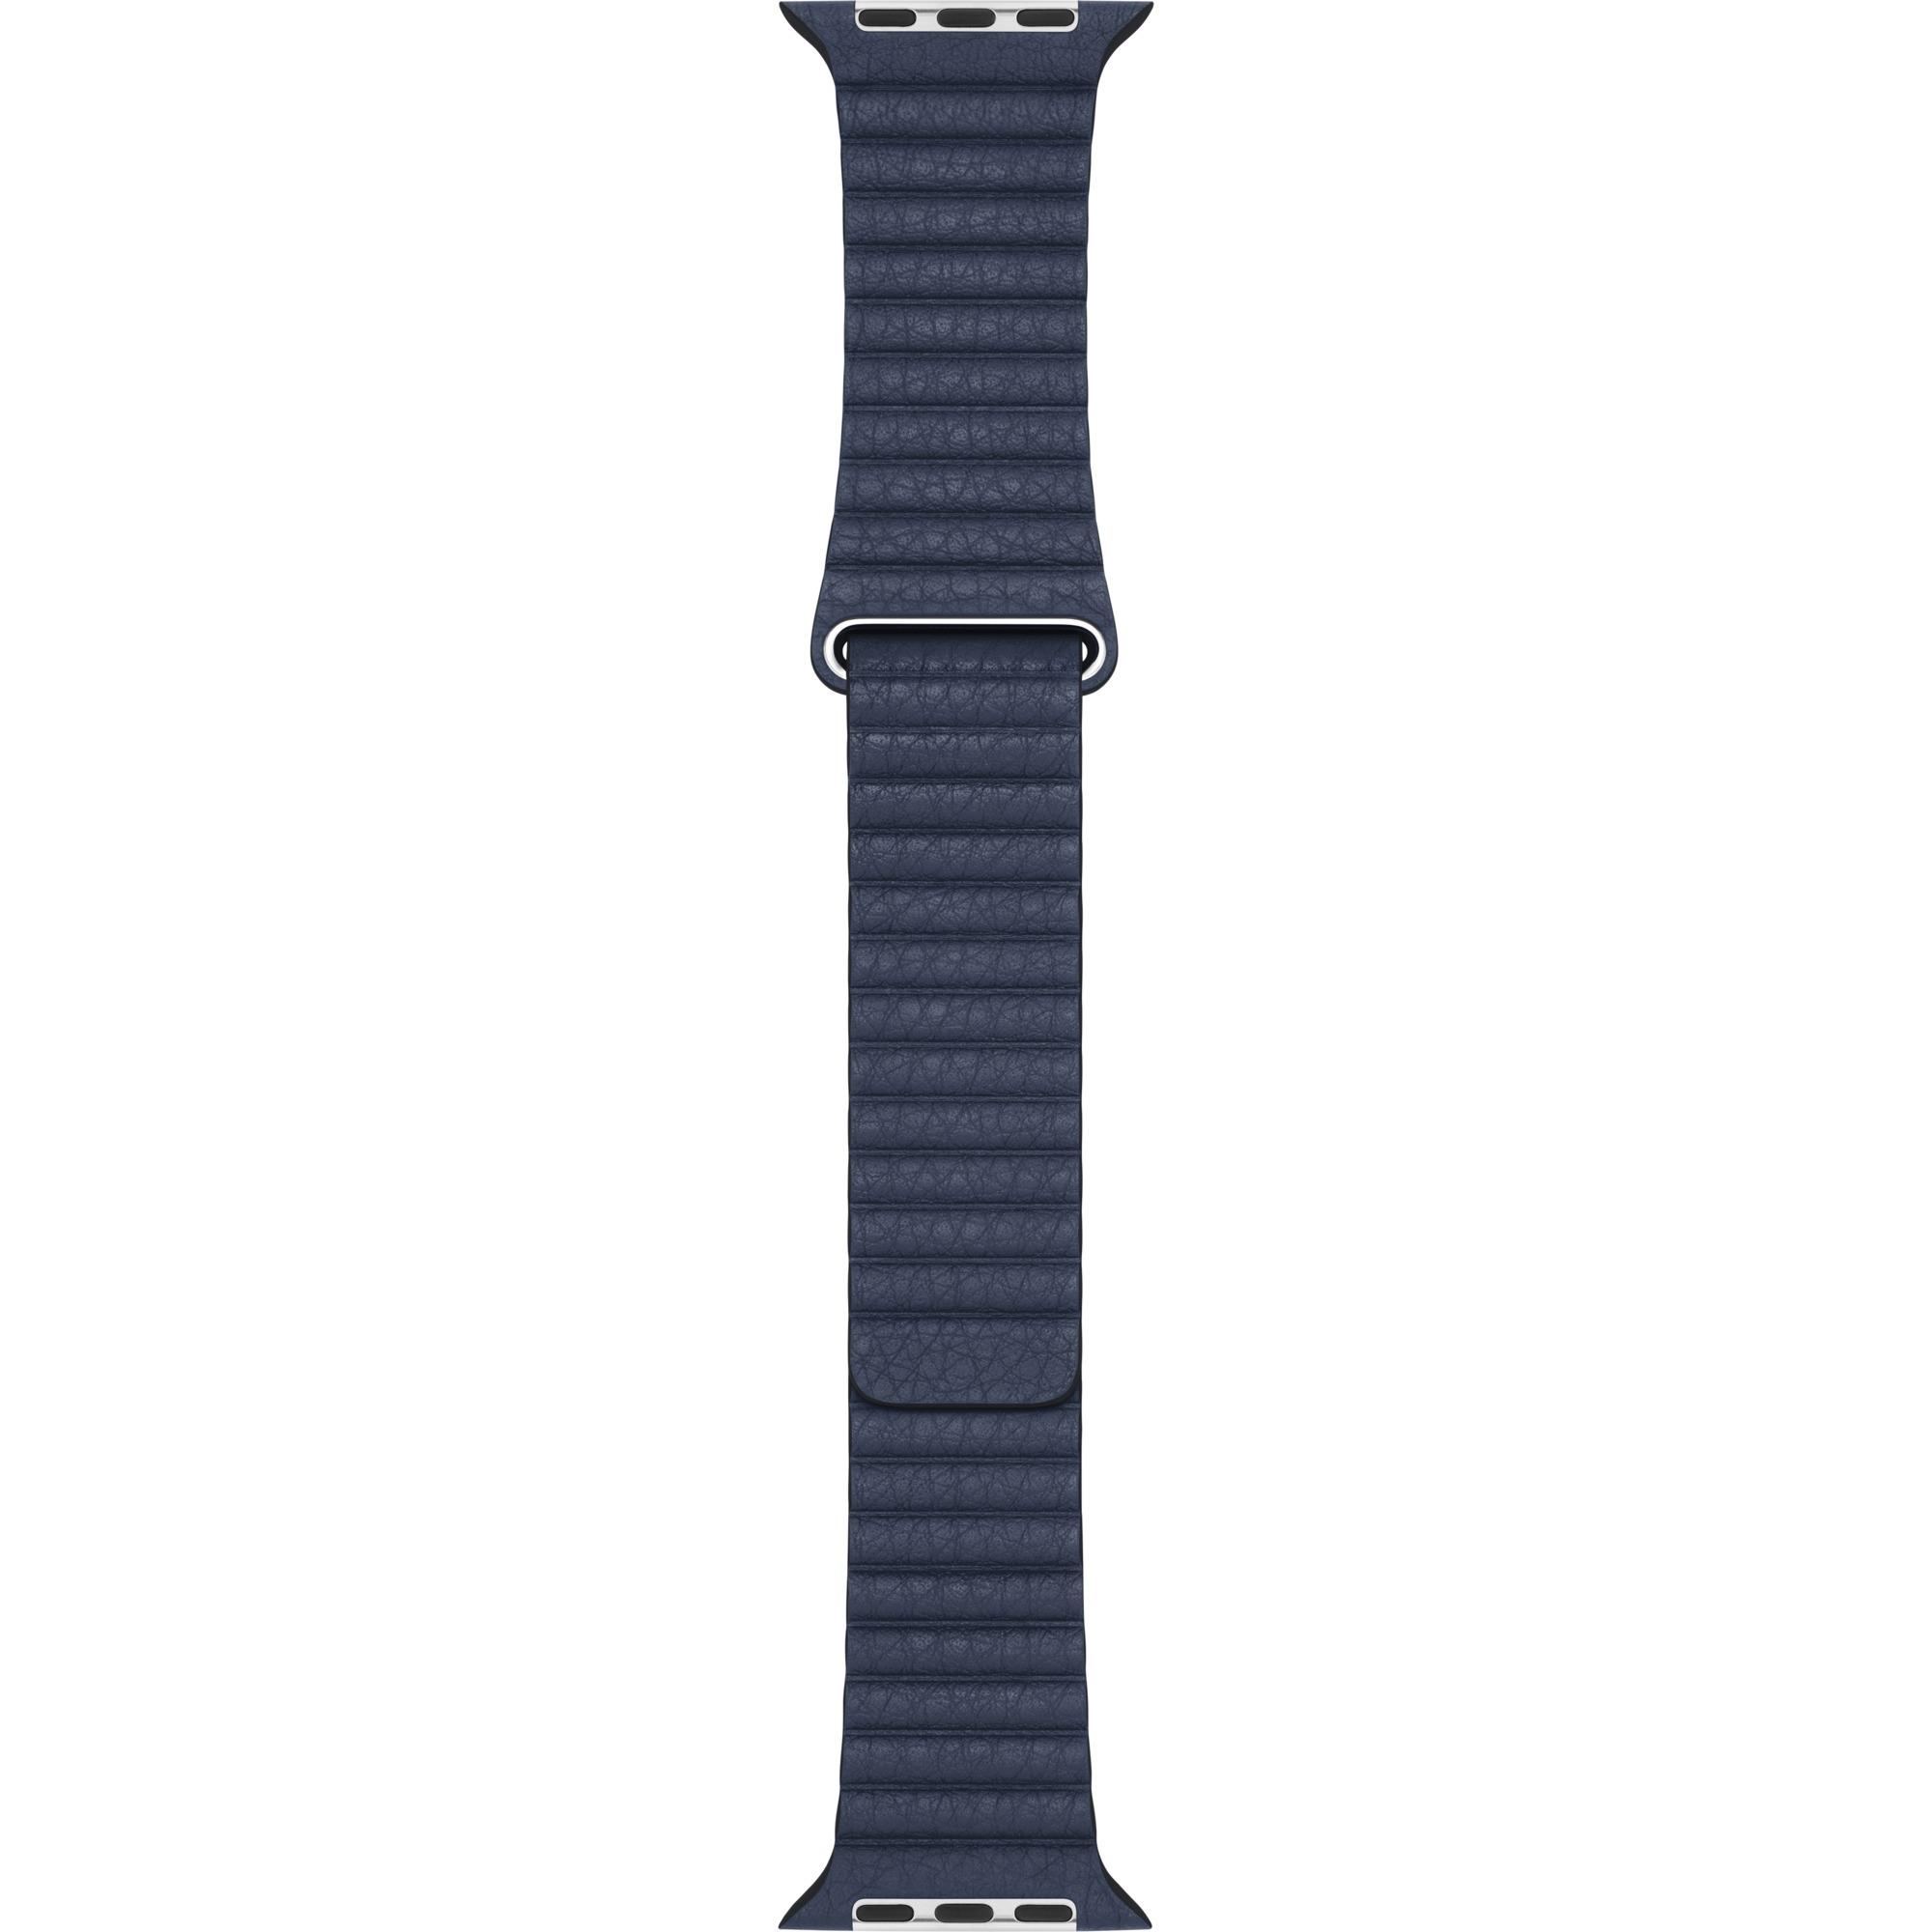 Image of Lederarmband mit Schlaufe, Uhrenarmband